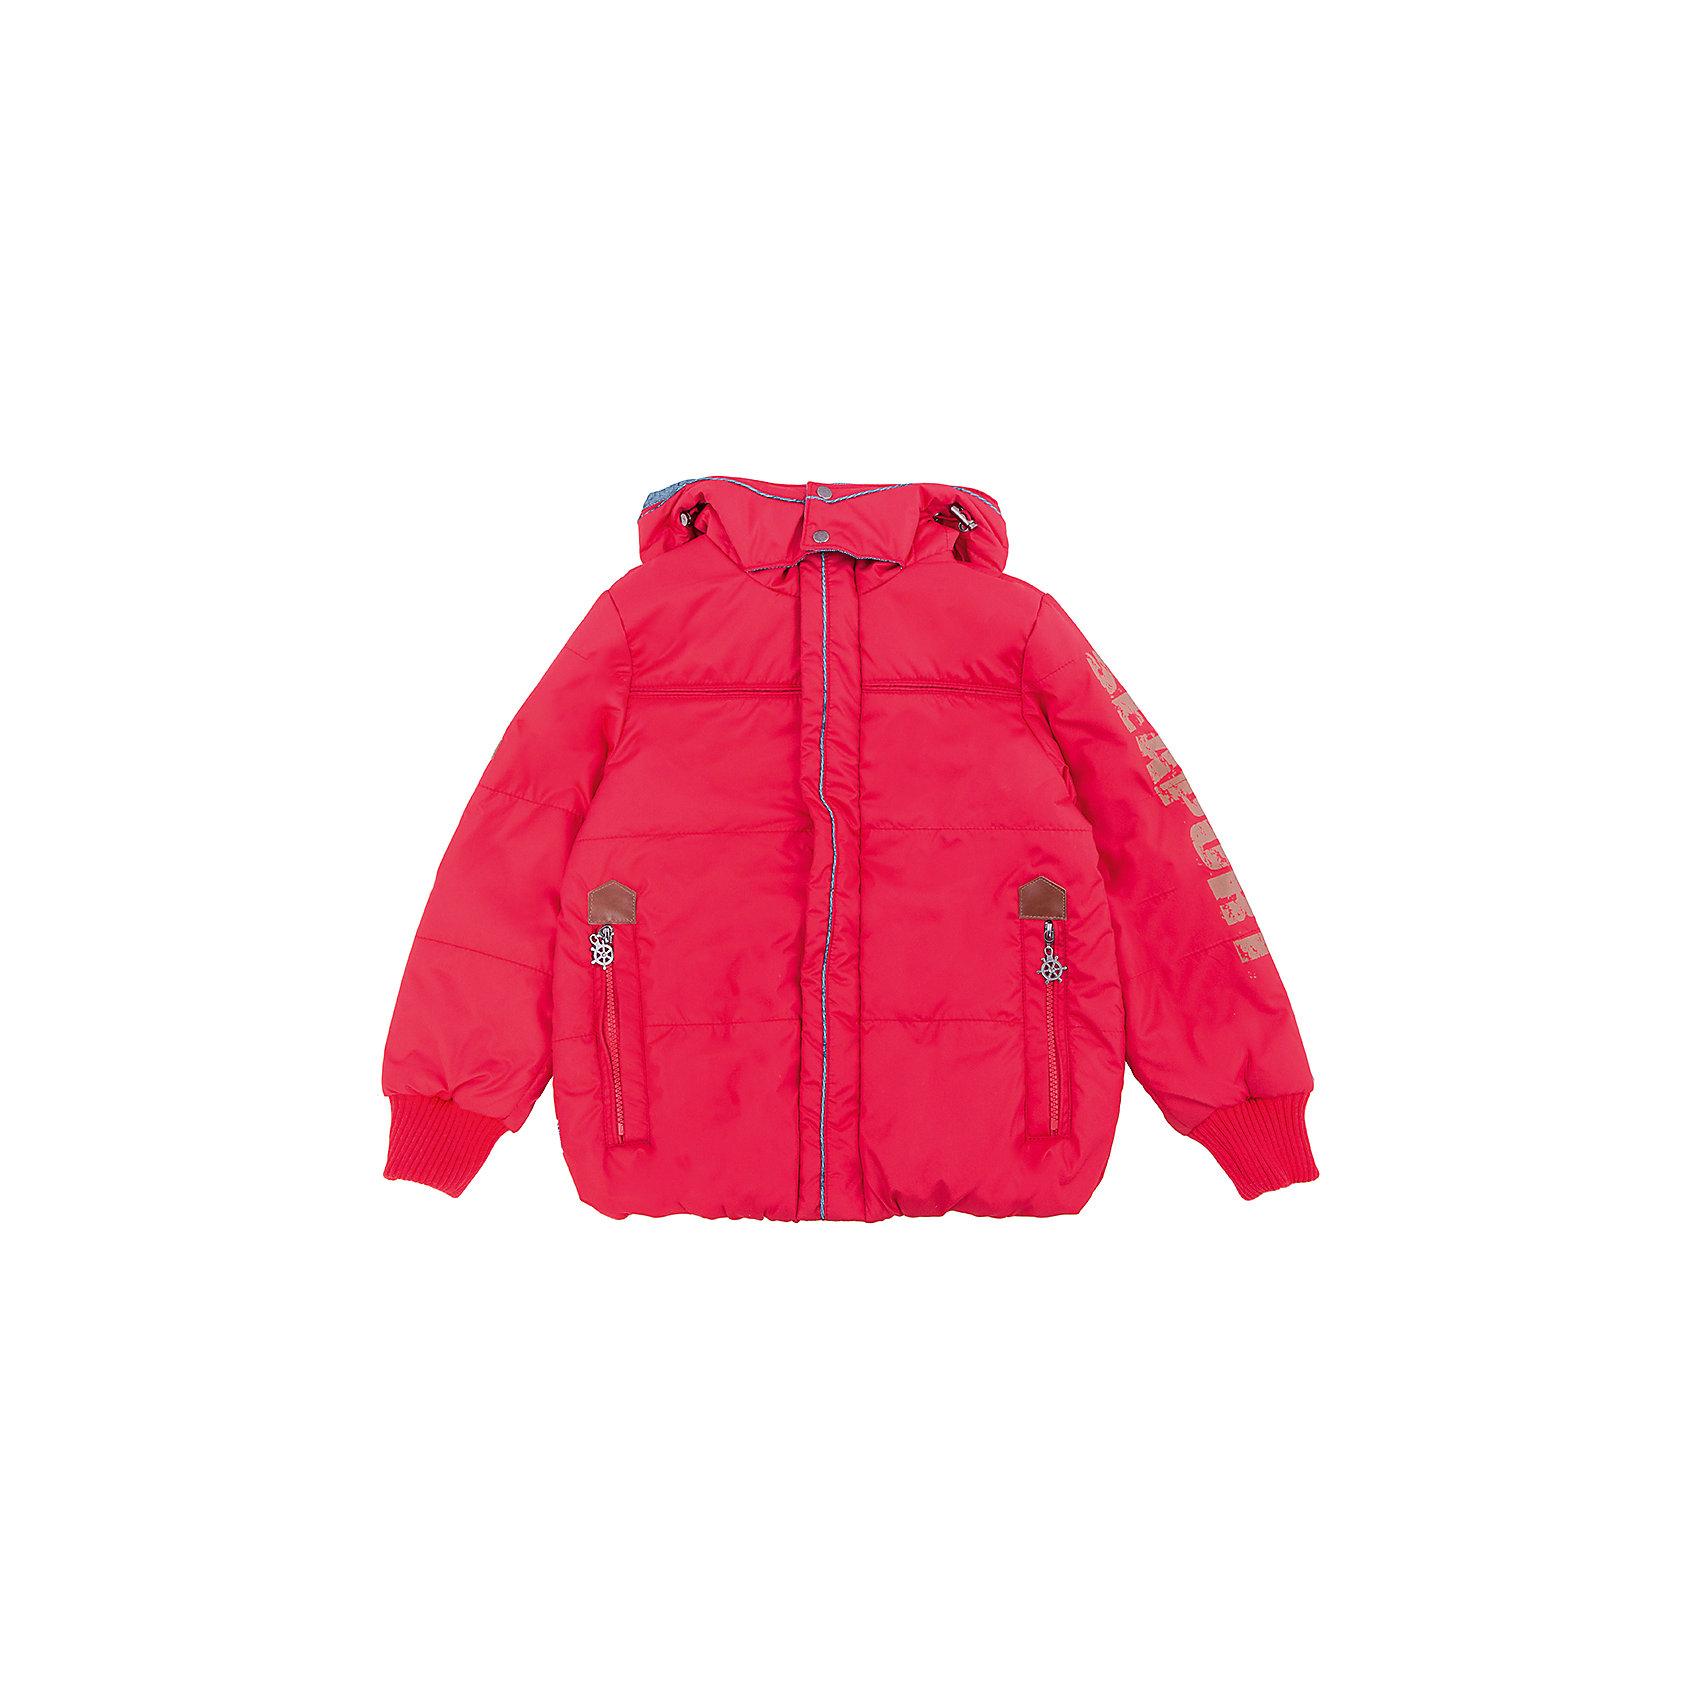 Куртка для мальчика АртельКуртка для мальчика от торговой марки Артель &#13;<br>&#13;<br>Модная утепленная куртка позволит ребенку чувствовать себя комфортно даже в холодную погоду. Сделана она из качественных материалов, поэтому может прослужить не один сезон. Практичная и удобная вещь.<br>Одежда от бренда Артель – это высокое качество по приемлемой цене и всегда продуманный дизайн. &#13;<br>&#13;<br>Особенности модели: &#13;<br>- цвет - красный;&#13;<br>- наличие карманов;&#13;<br>- капюшон;<br>- утеплитель;&#13;<br>- украшена принтом;&#13;<br>- застежка-молния.&#13;<br>&#13;<br>Дополнительная информация:&#13;<br>&#13;<br>Состав: &#13;<br>- верх: DEWSPO;<br>- подкладка: тиси;<br>- утеплитель: термофайбер 100 г<br>&#13;<br>Температурный режим: &#13;<br>от - 10 °C до + 10 °C&#13;<br>&#13;<br>Куртку для мальчика Артель (Artel) можно купить в нашем магазине.<br><br>Ширина мм: 356<br>Глубина мм: 10<br>Высота мм: 245<br>Вес г: 519<br>Цвет: красный<br>Возраст от месяцев: 120<br>Возраст до месяцев: 132<br>Пол: Мужской<br>Возраст: Детский<br>Размер: 146,134,140,128<br>SKU: 4496054